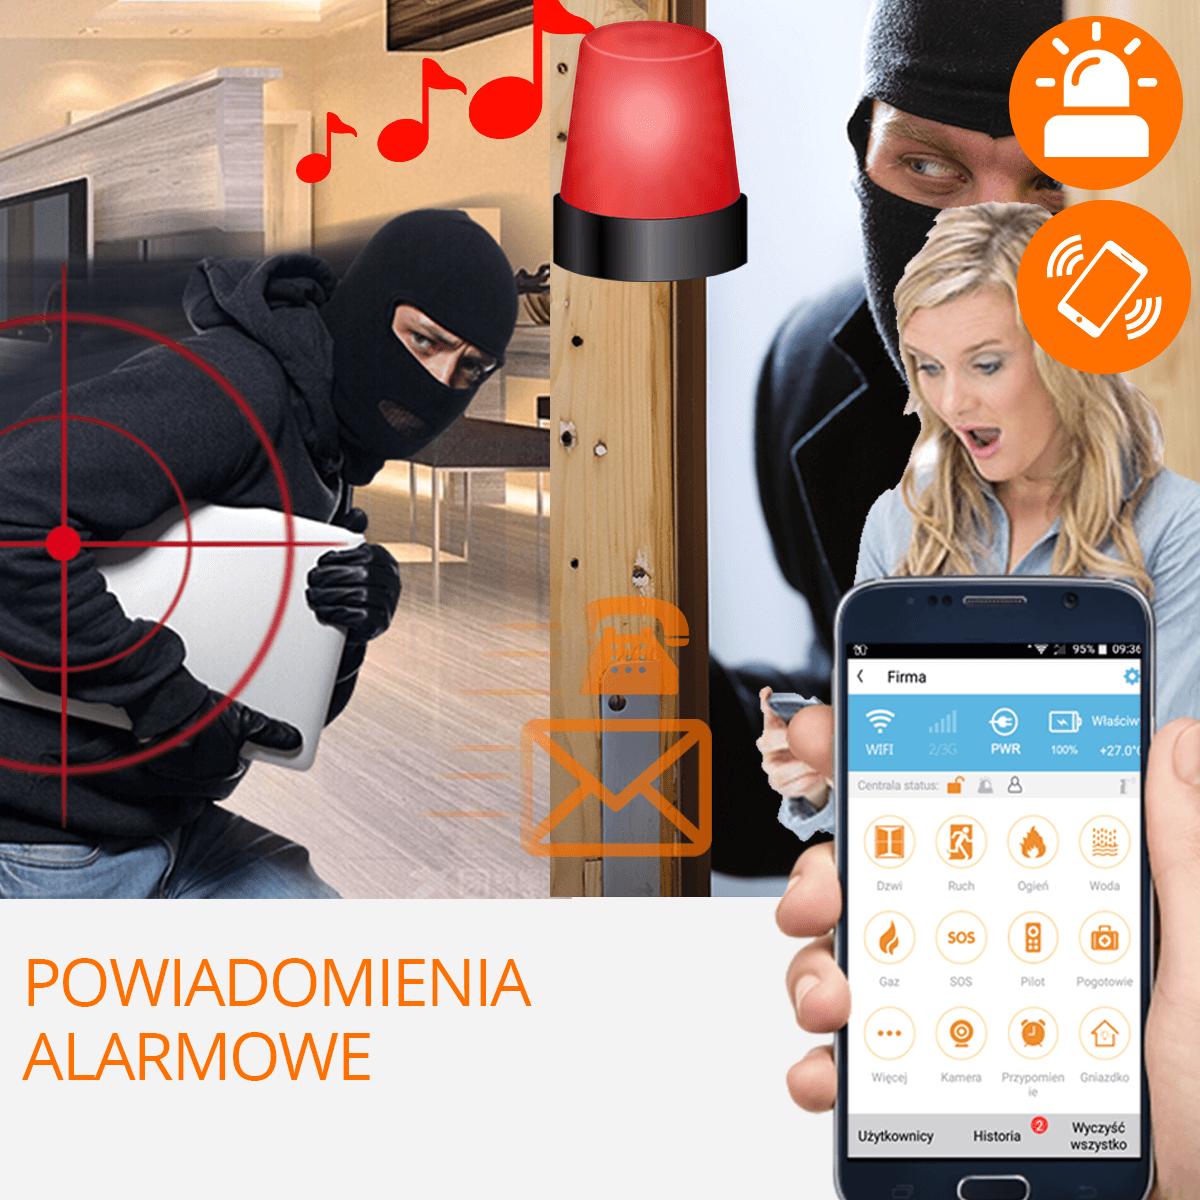 zestaw alarmowy do domu zdalne sterowanie orllo.pl